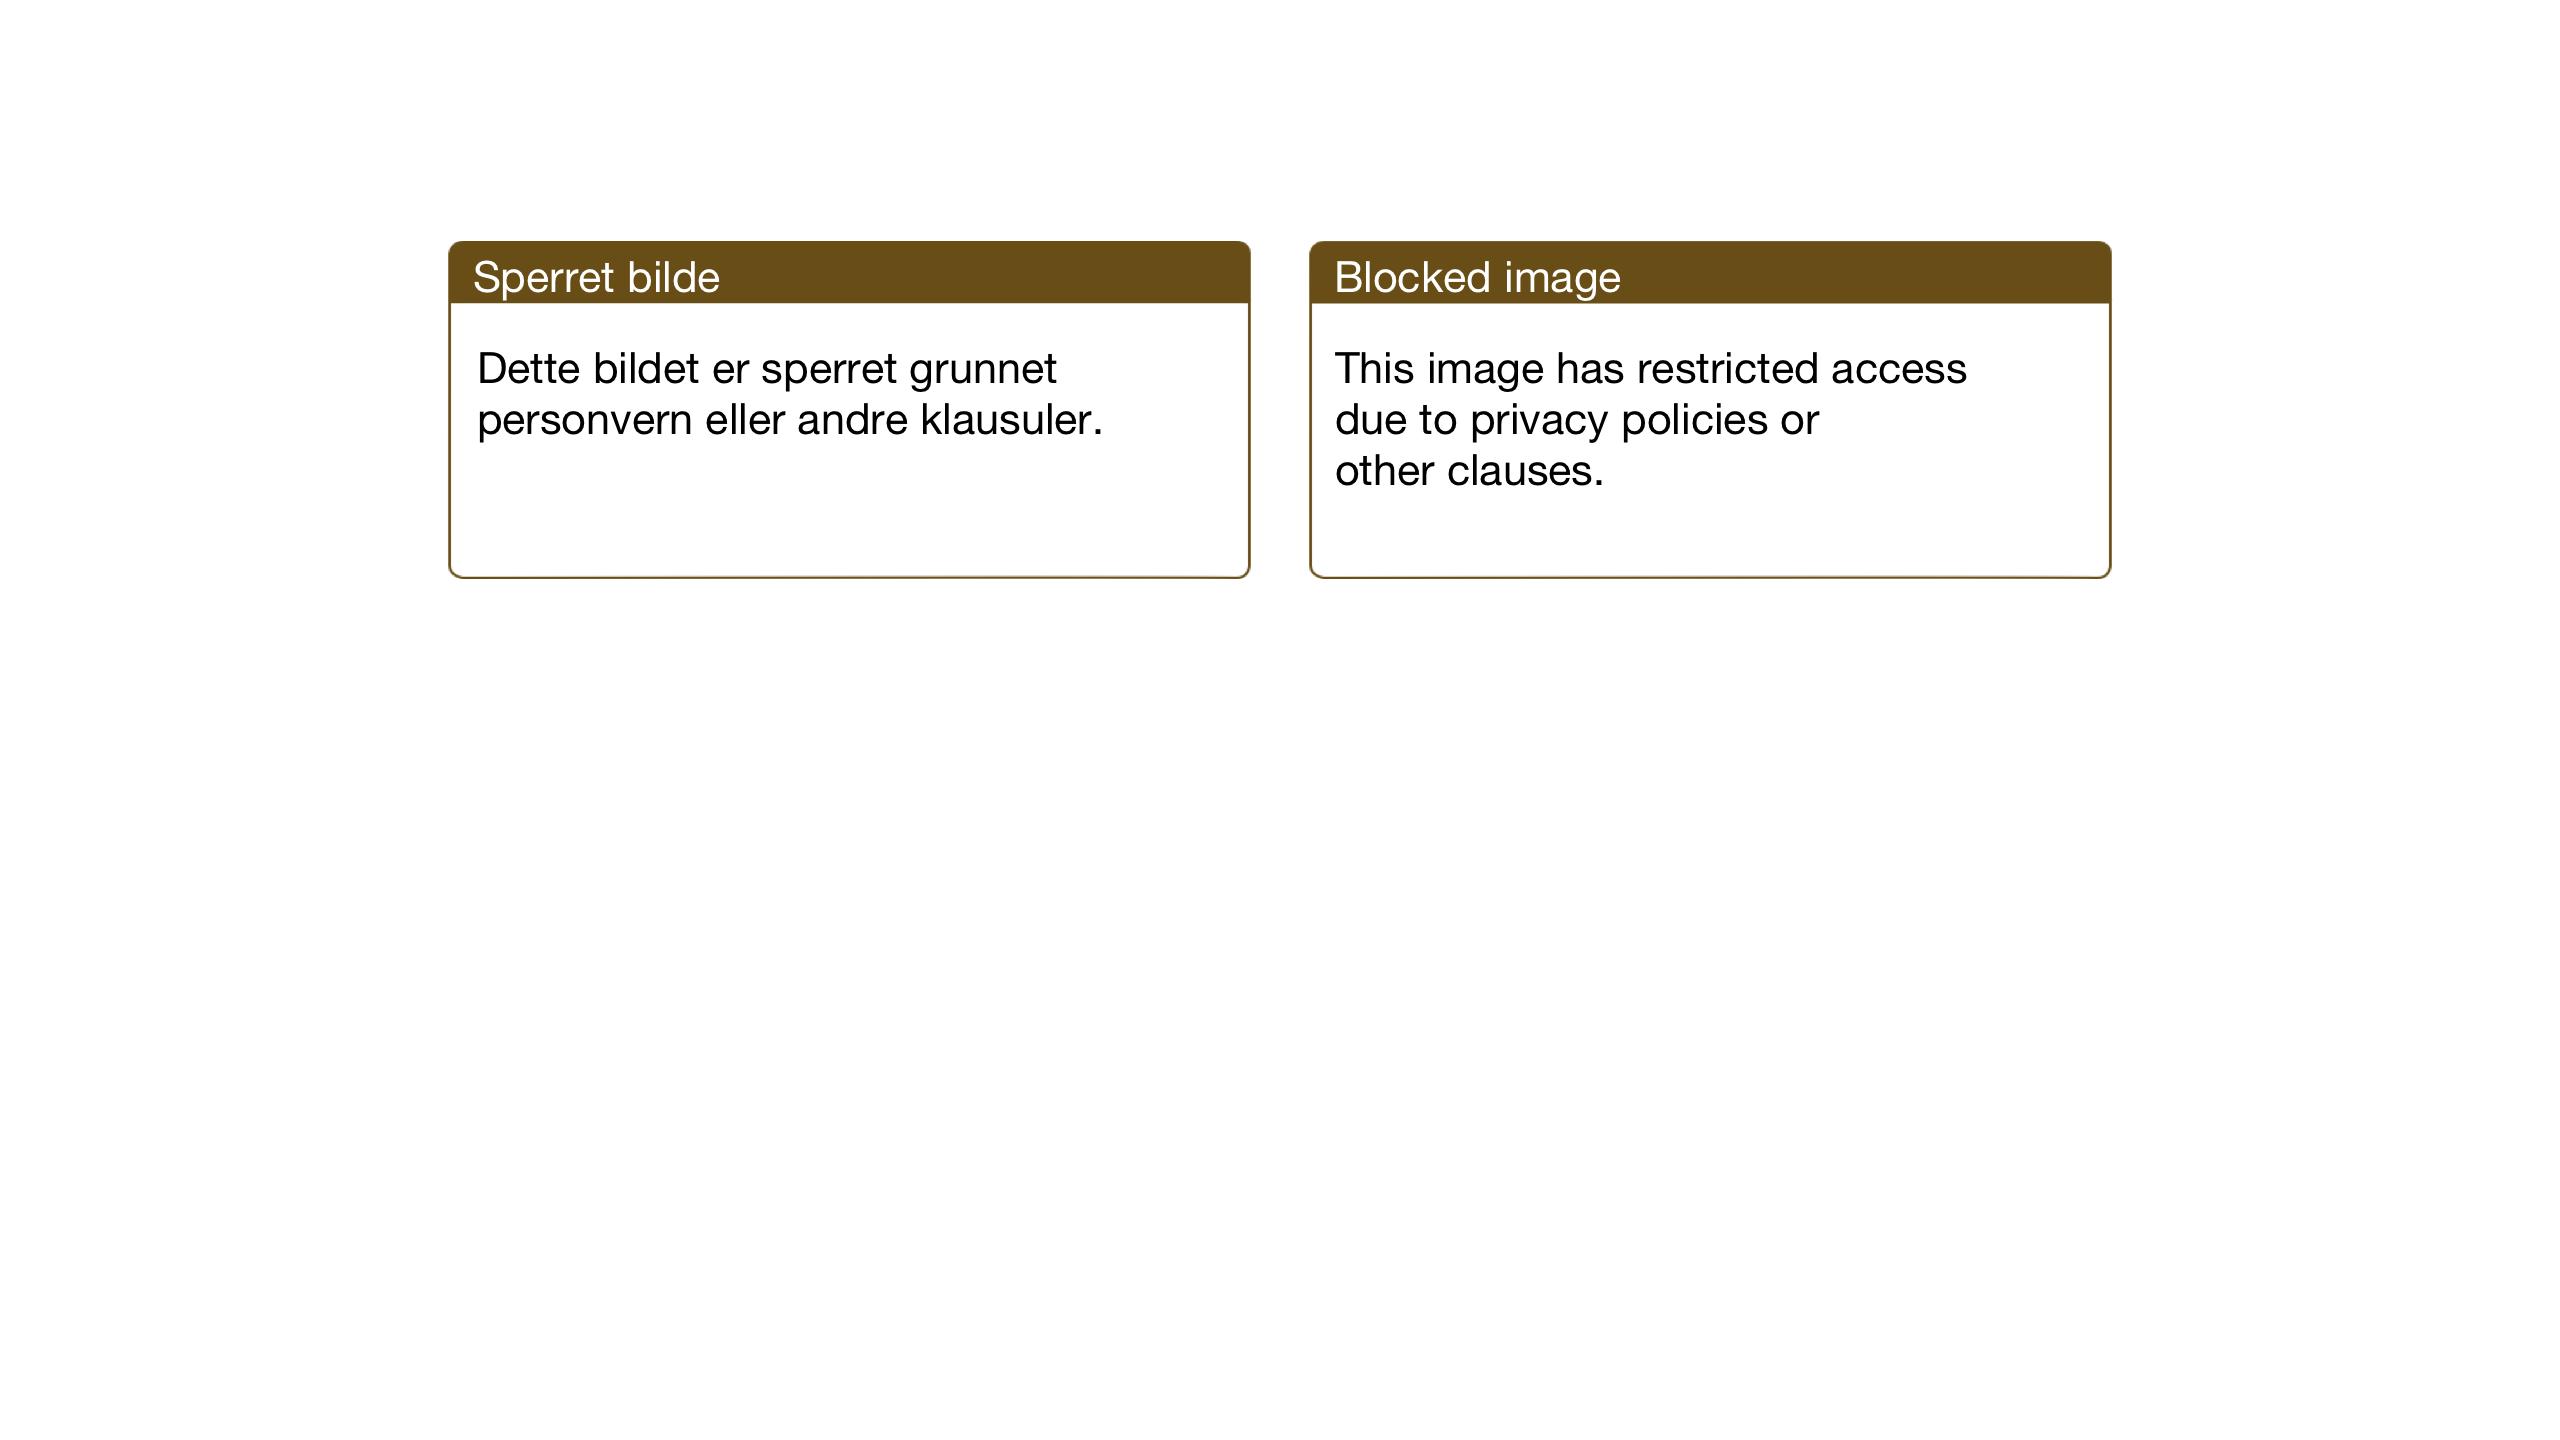 SAT, Ministerialprotokoller, klokkerbøker og fødselsregistre - Nord-Trøndelag, 713/L0125: Klokkerbok nr. 713C02, 1931-1941, s. 94